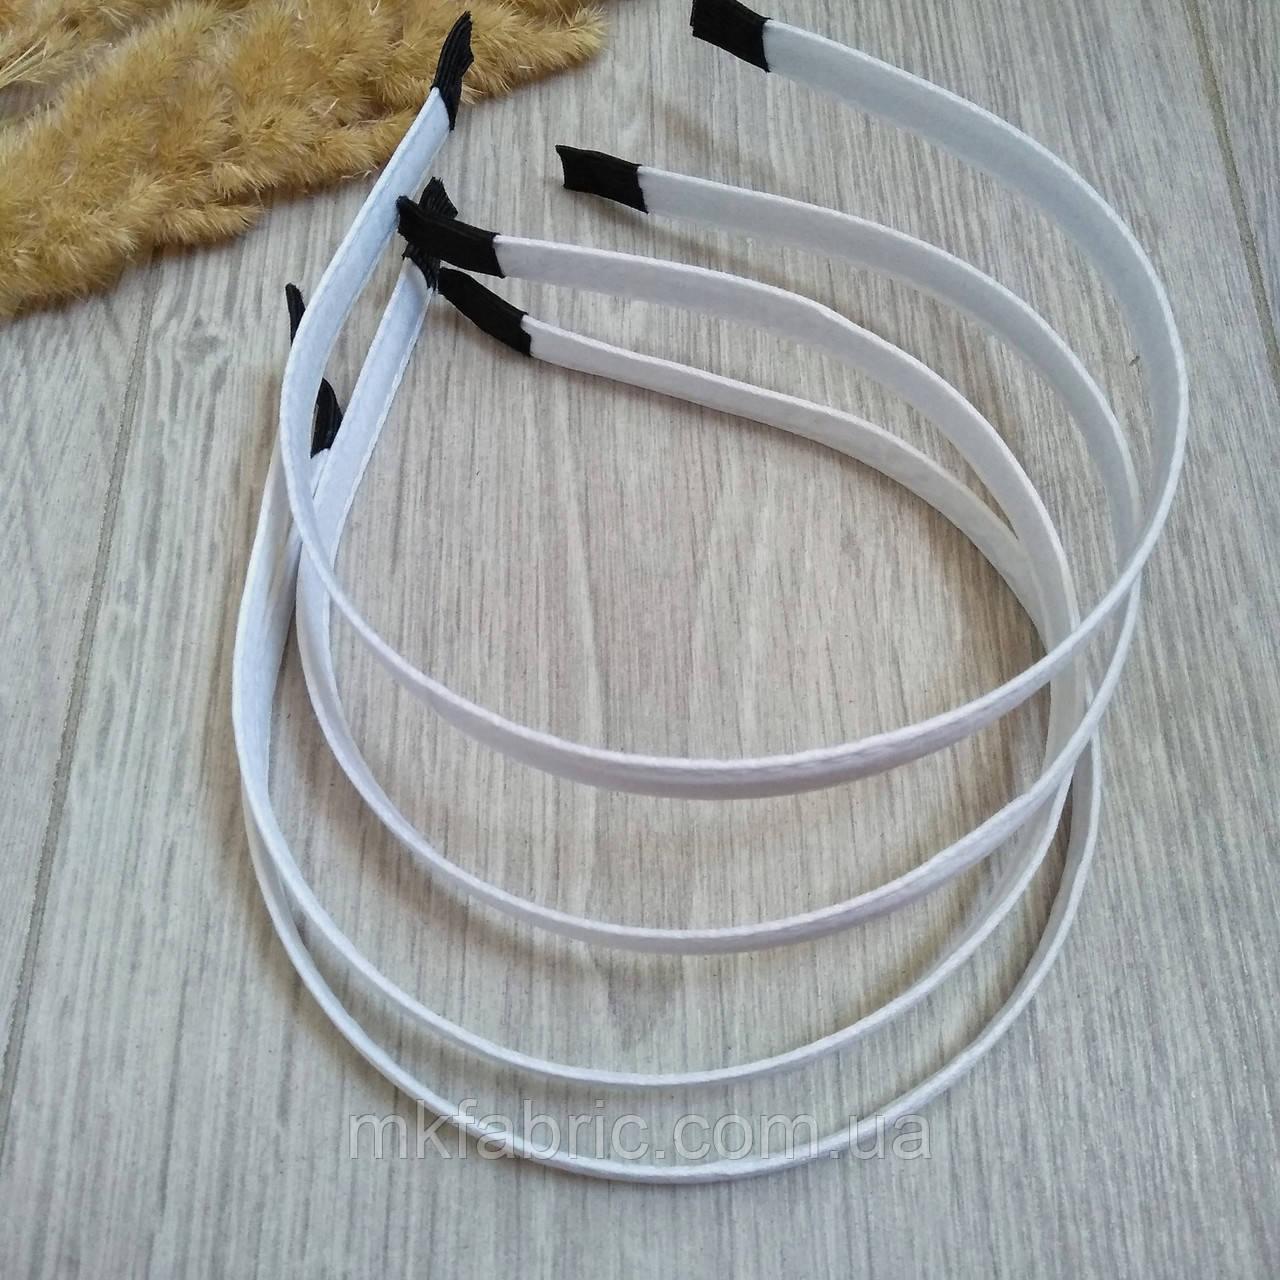 Ободок (обруч) металлический в обмотке для волос, 1 см, БЕЛЫЙ